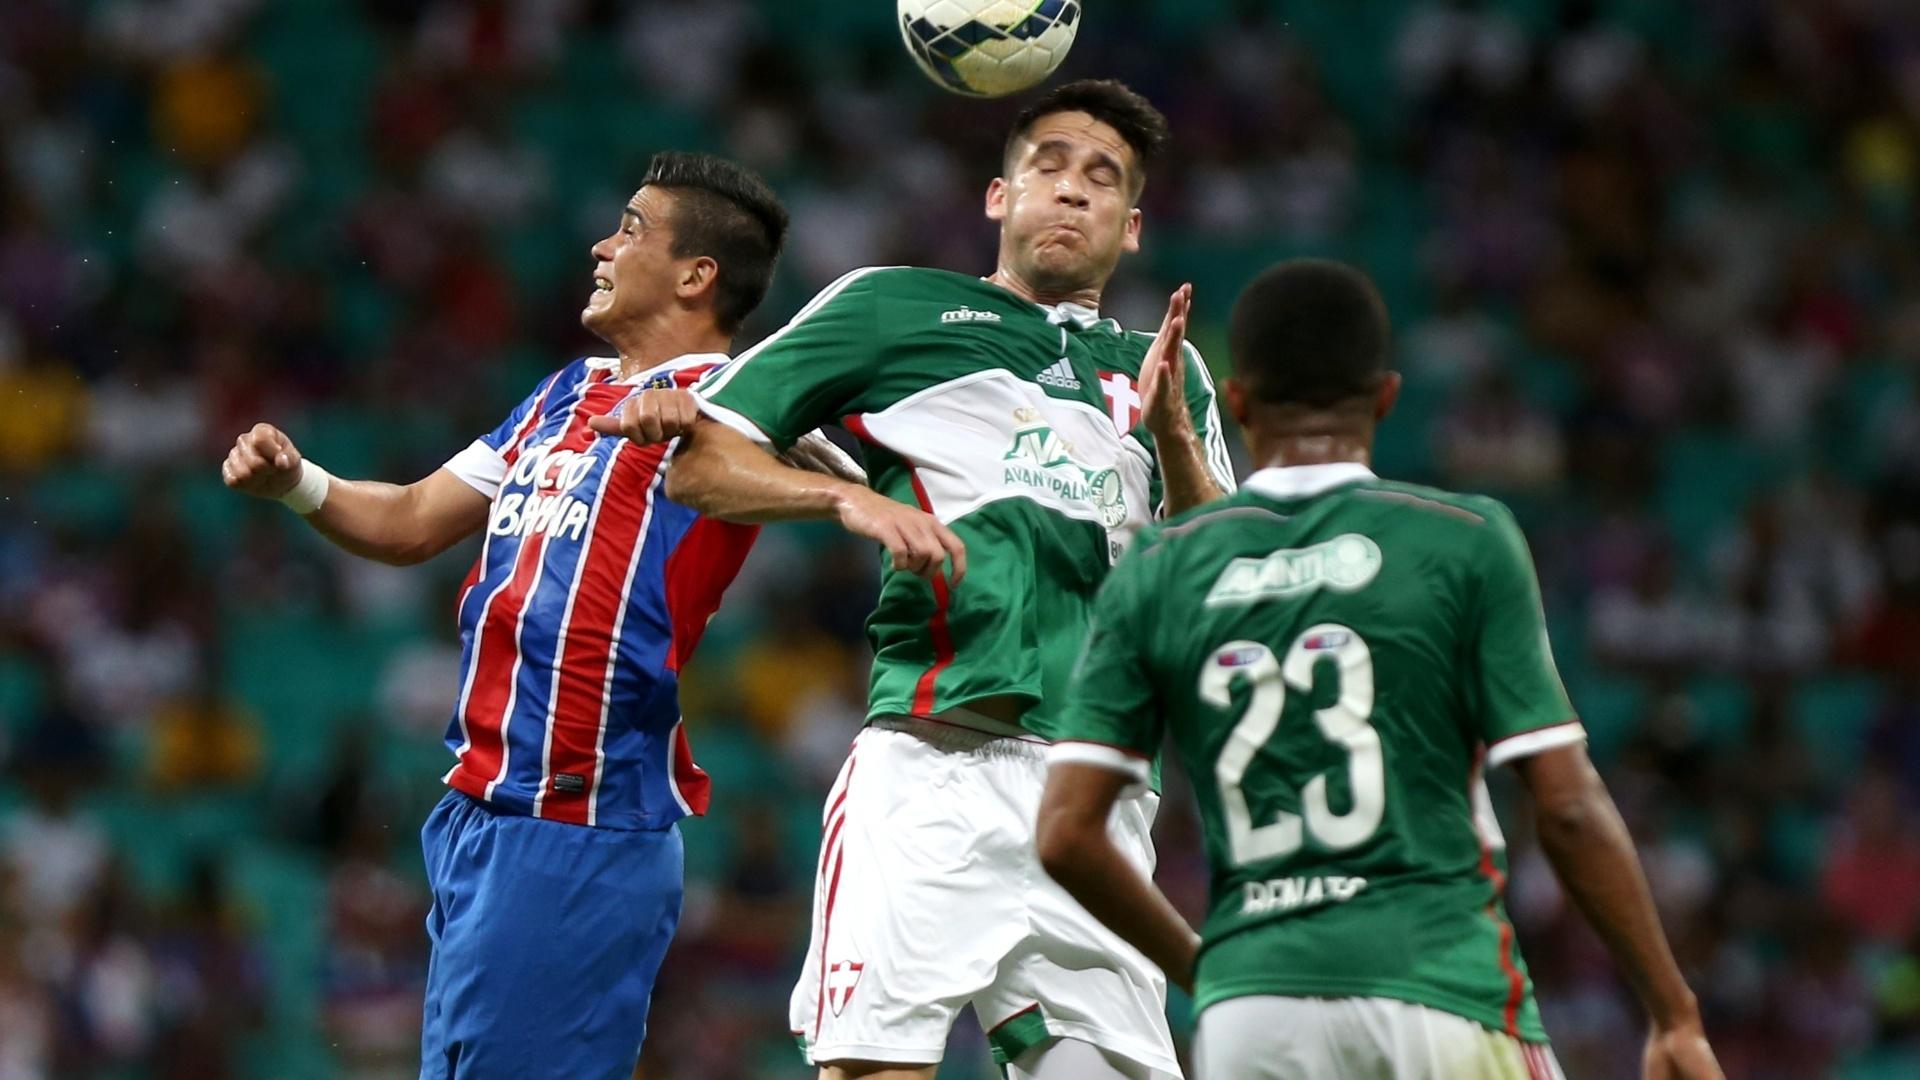 Tobio afasta perigo da defesa do Palmeiras no jogo contra o Bahia